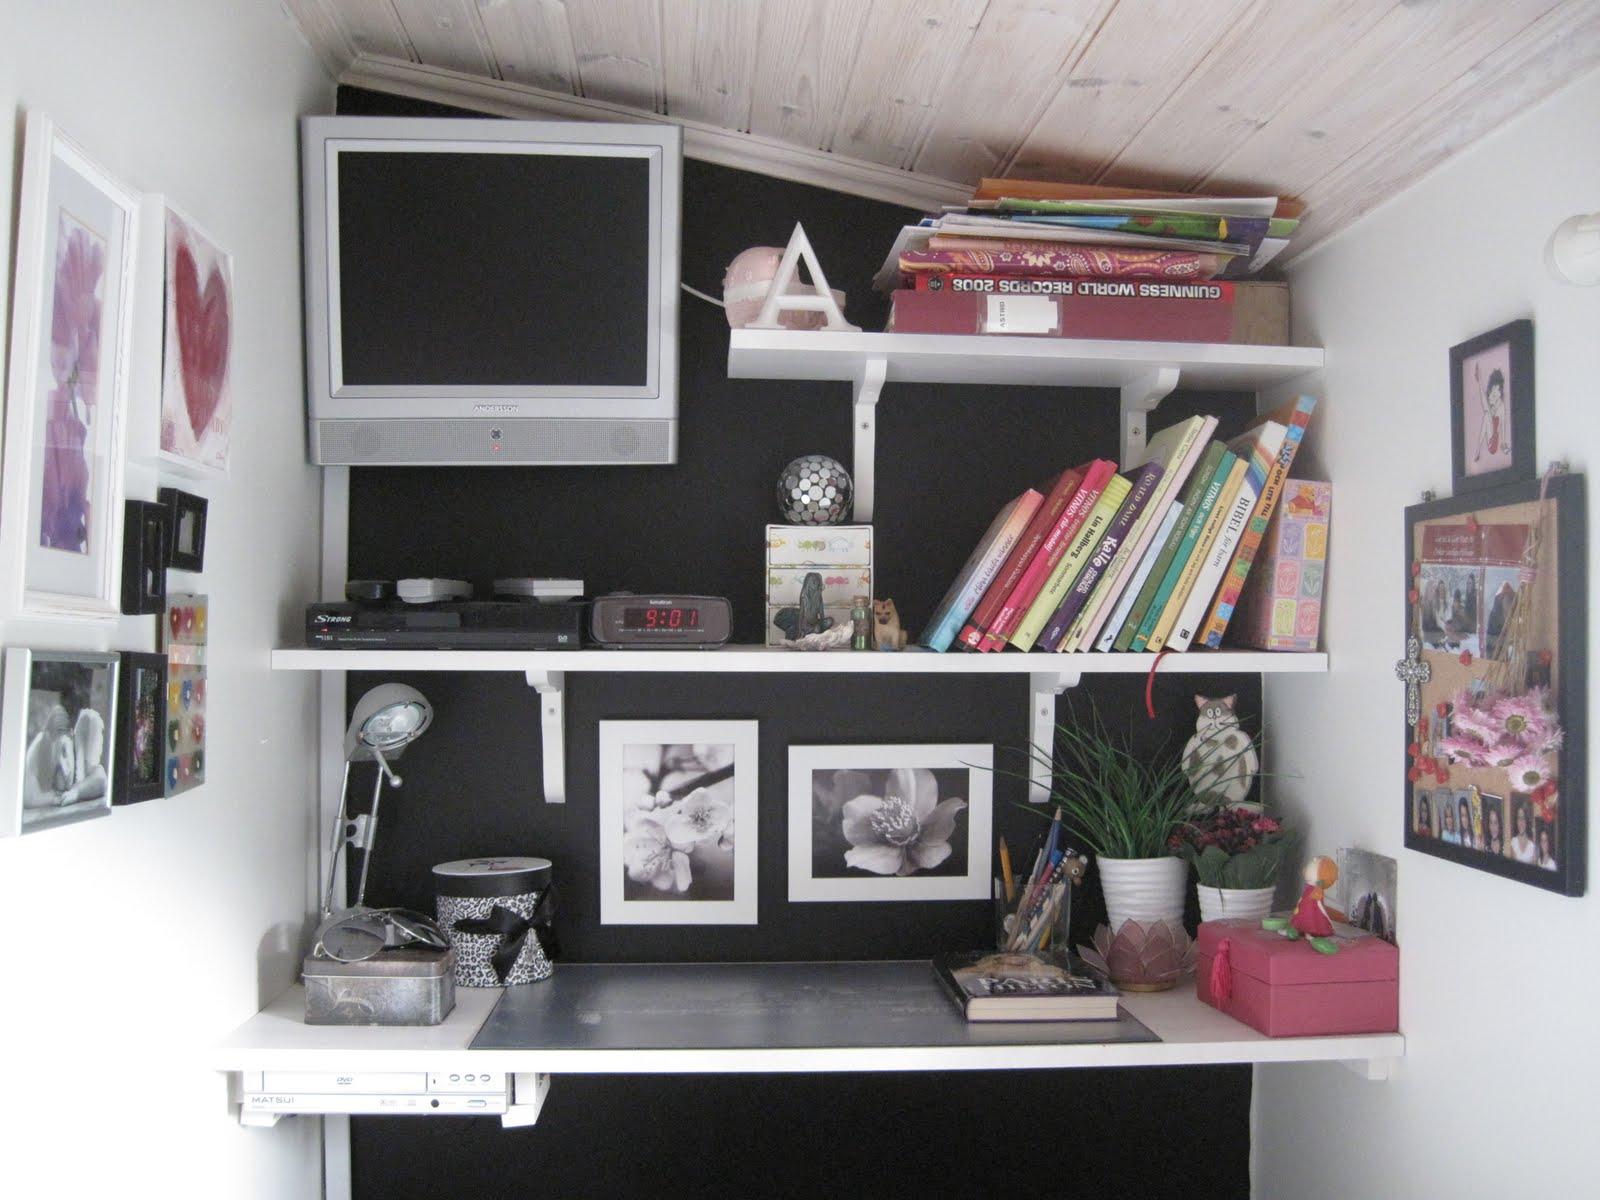 Doft av kaprifol: asrtrids rum i svart vitt lila